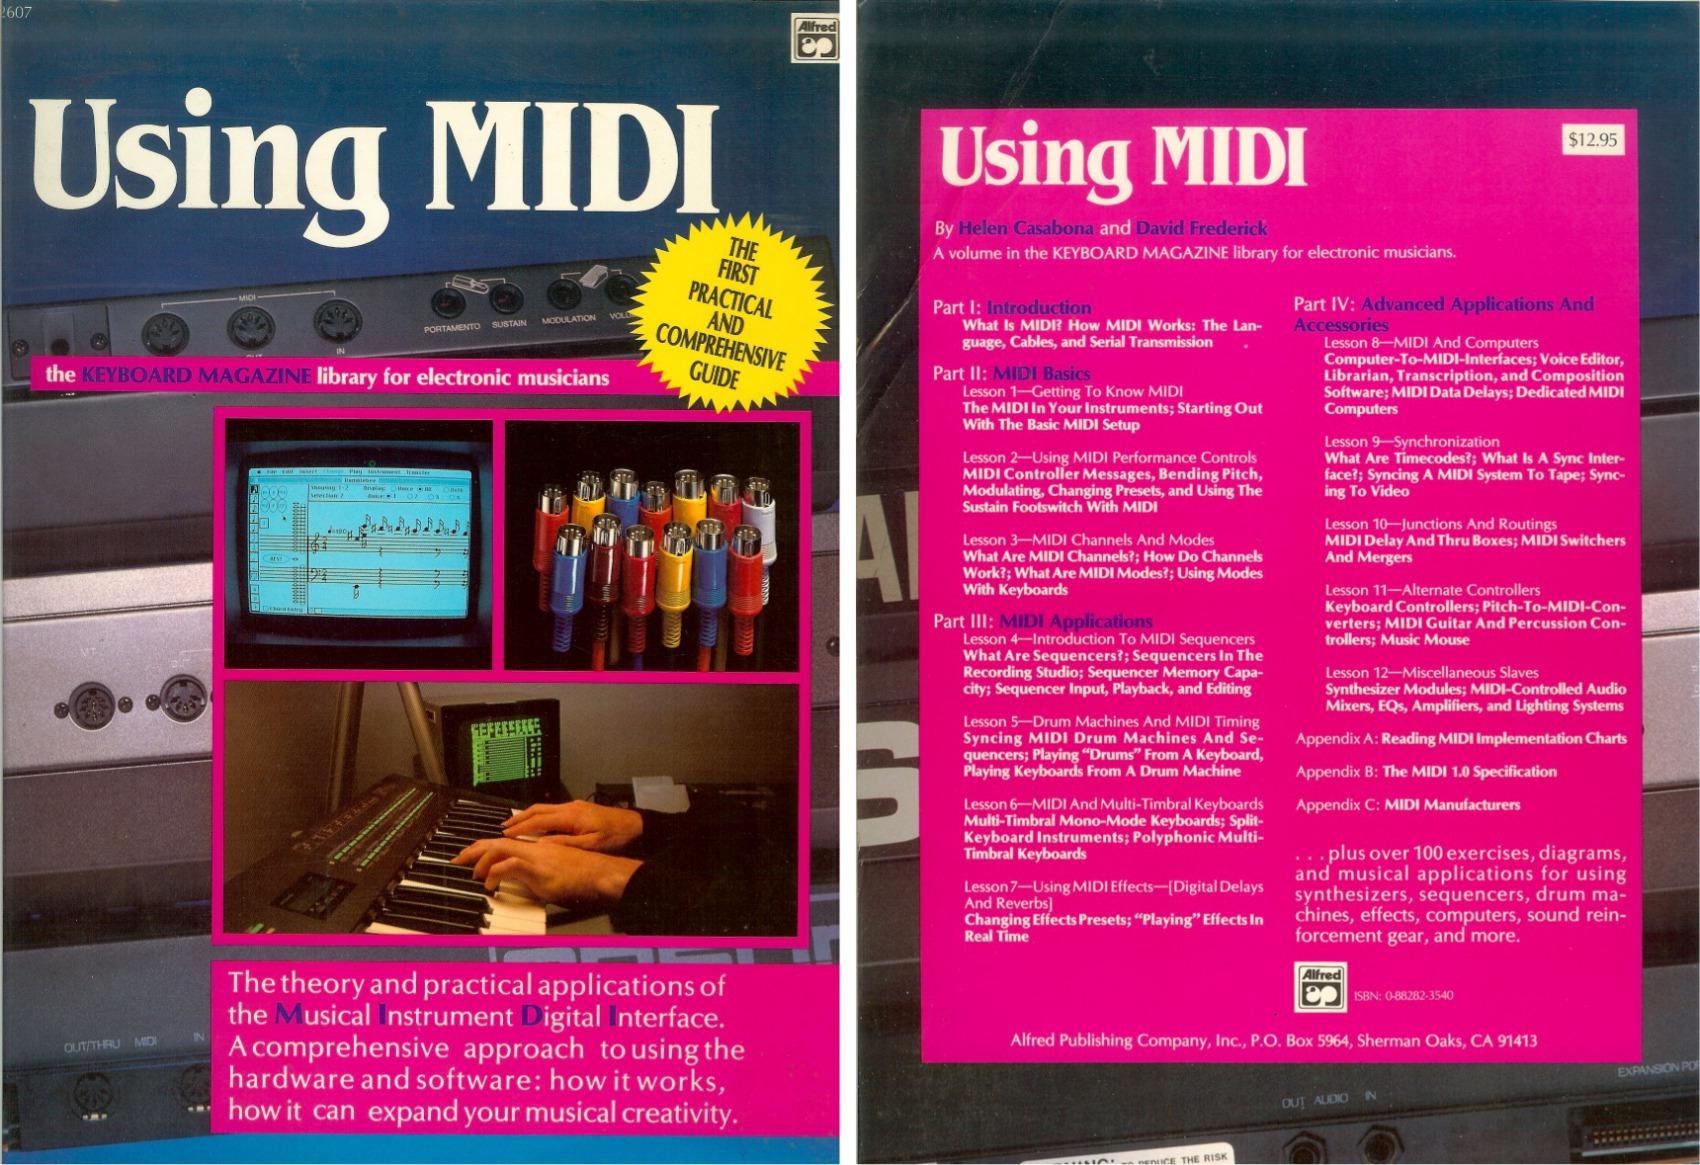 UsingMIDI-1